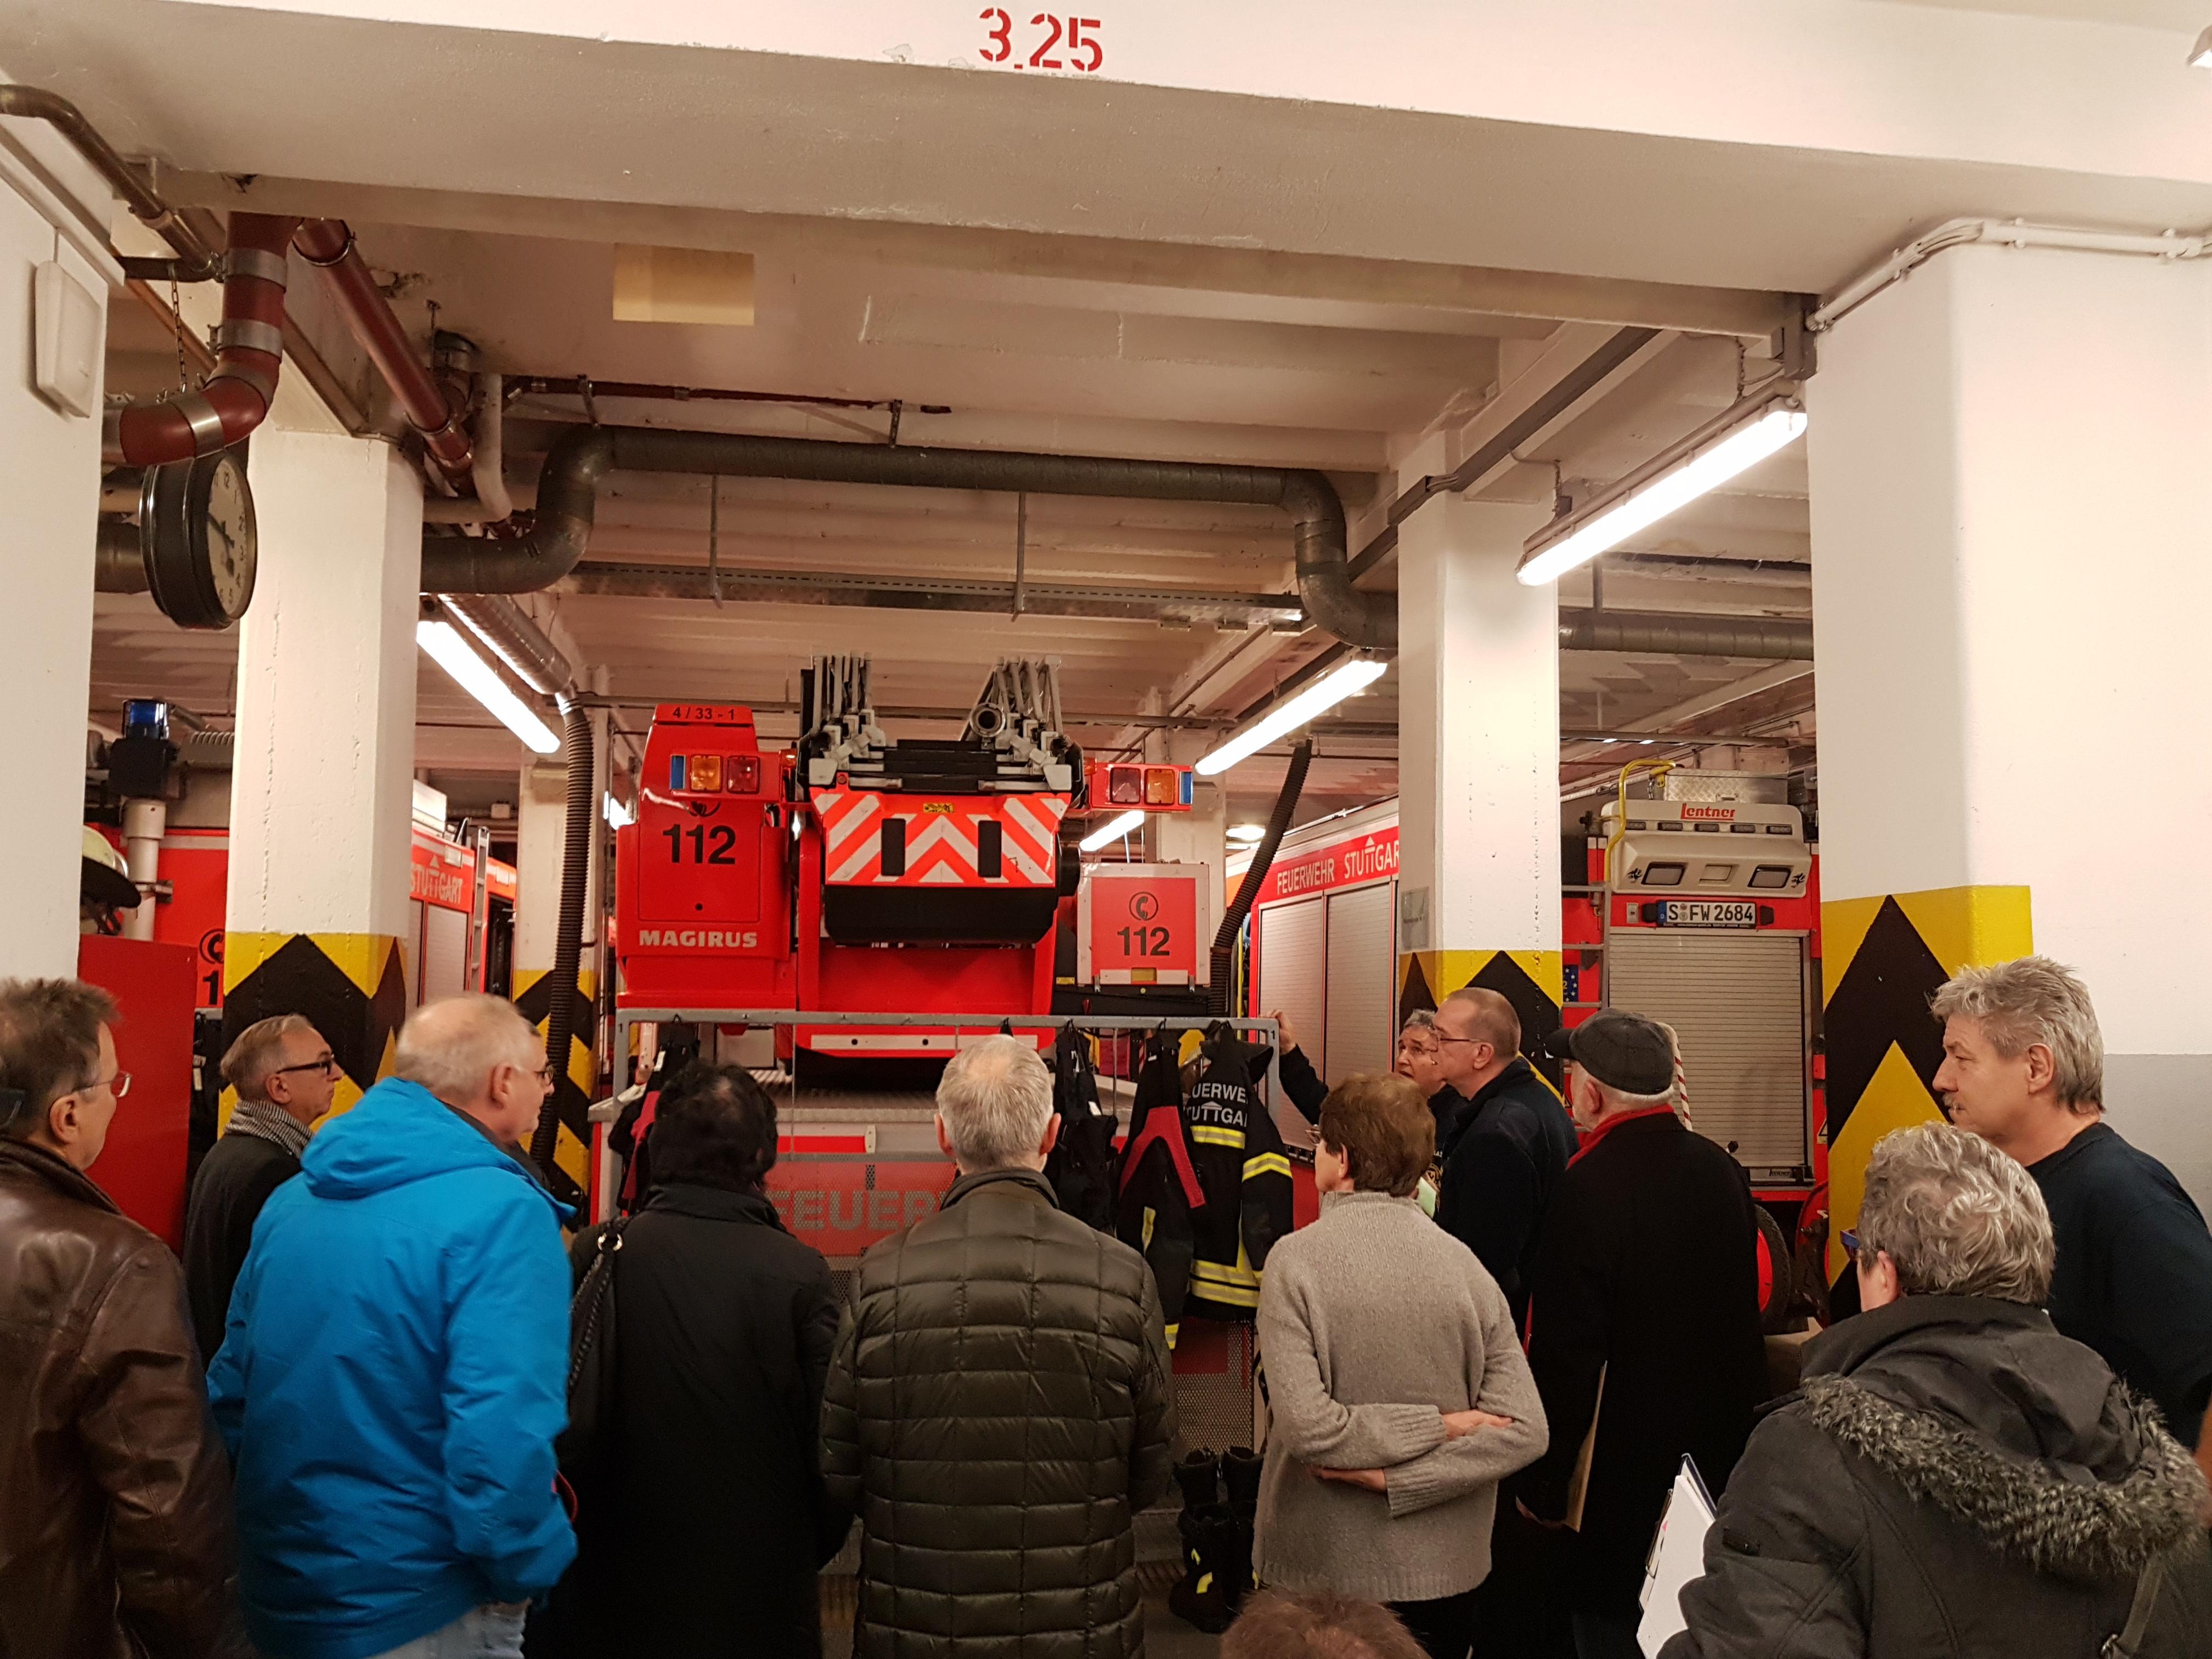 Besichtigung der Feuerwache 4 in Feuerbach durch den Bezirksbeirat